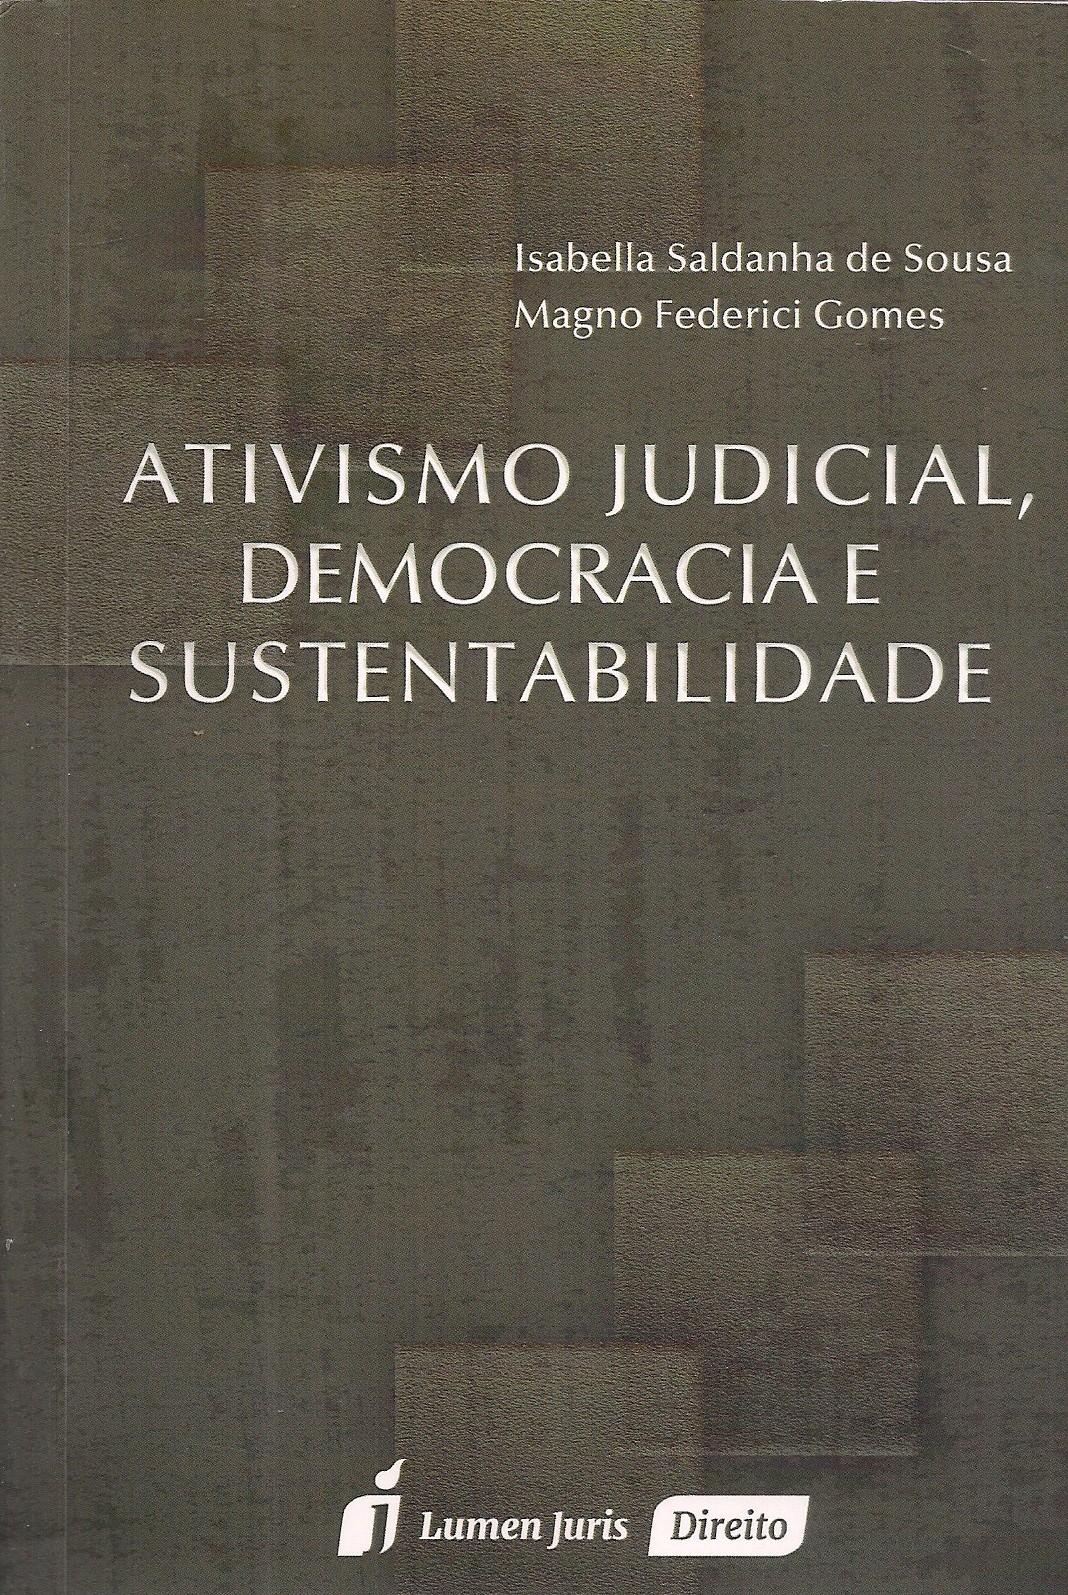 Foto 1 - Ativismo Judicial, Democracia e Sustentabilidade